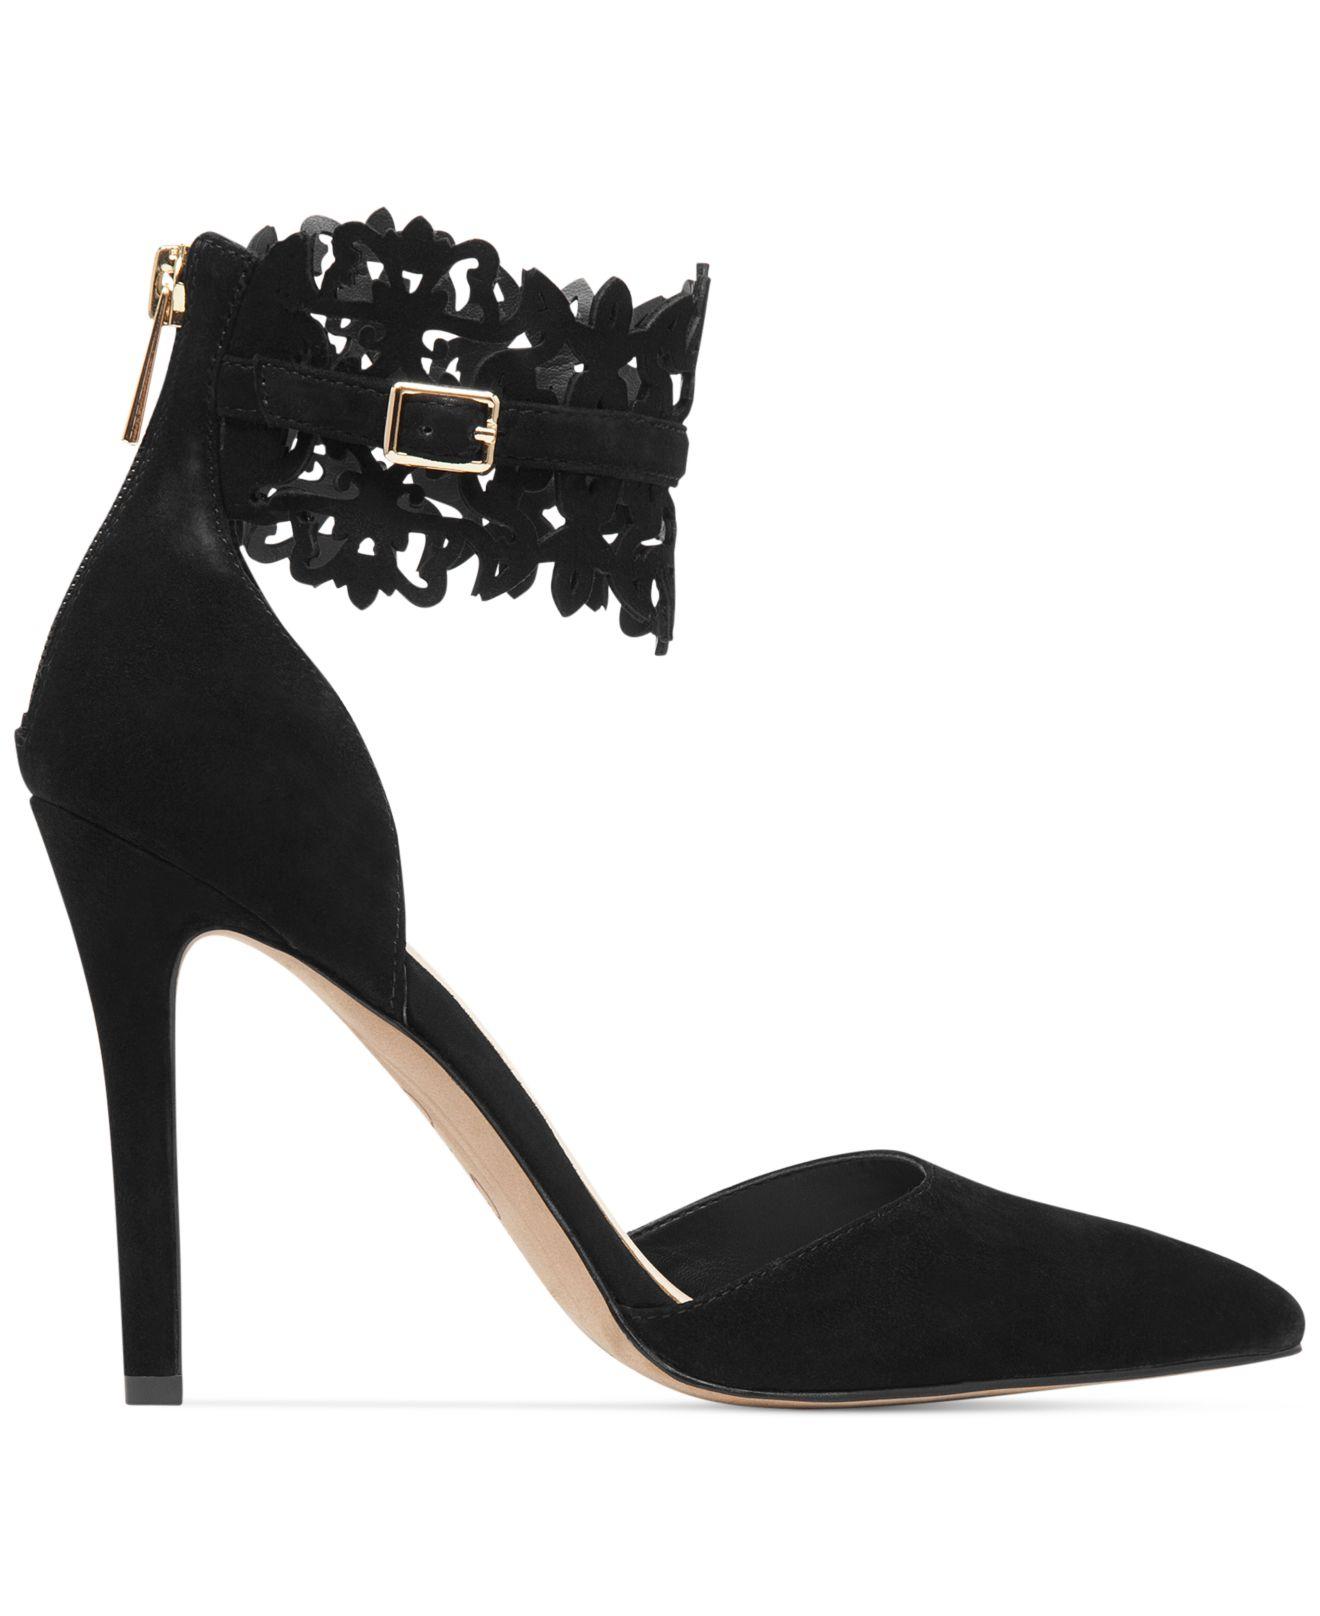 Jessica Simpson Portalynn Lace Ankle Strap Pumps bMbW1J